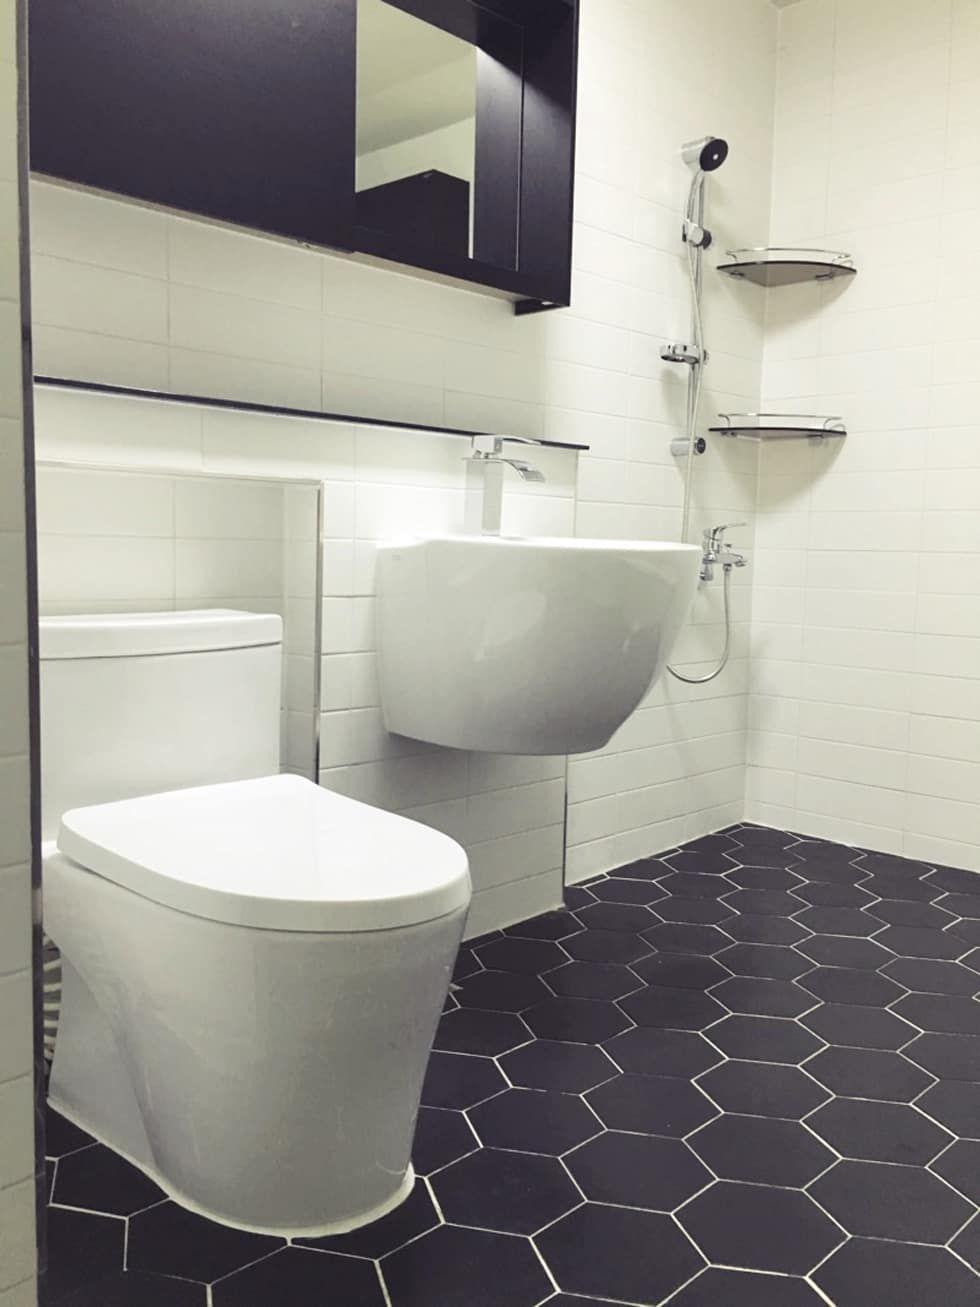 인테리어 디자인 아이디어, 내부 개조 & 리모델링 사진  화장실